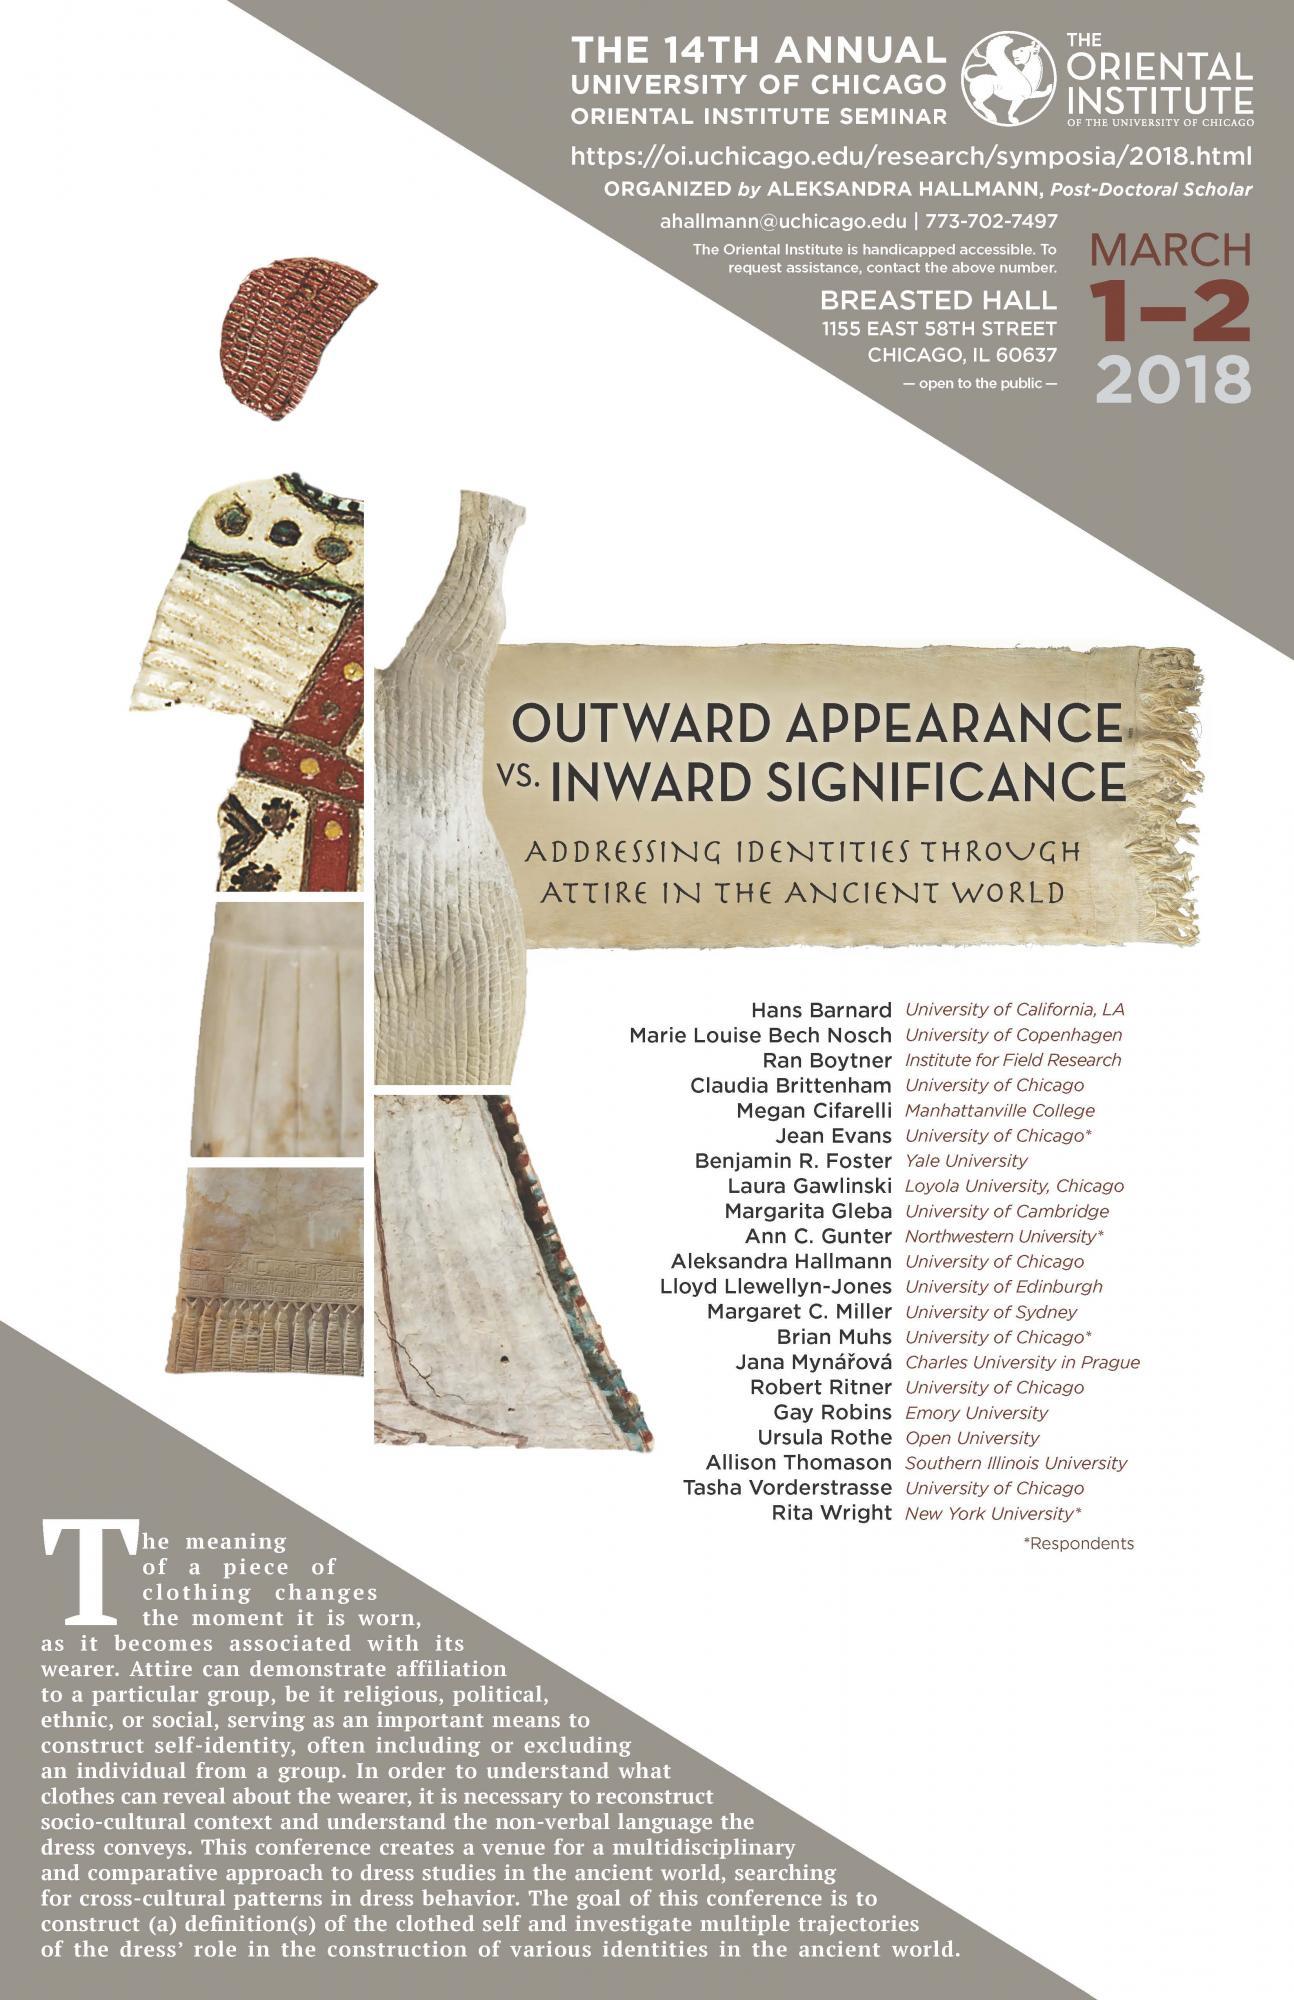 OIS 2018 Outward Appearance